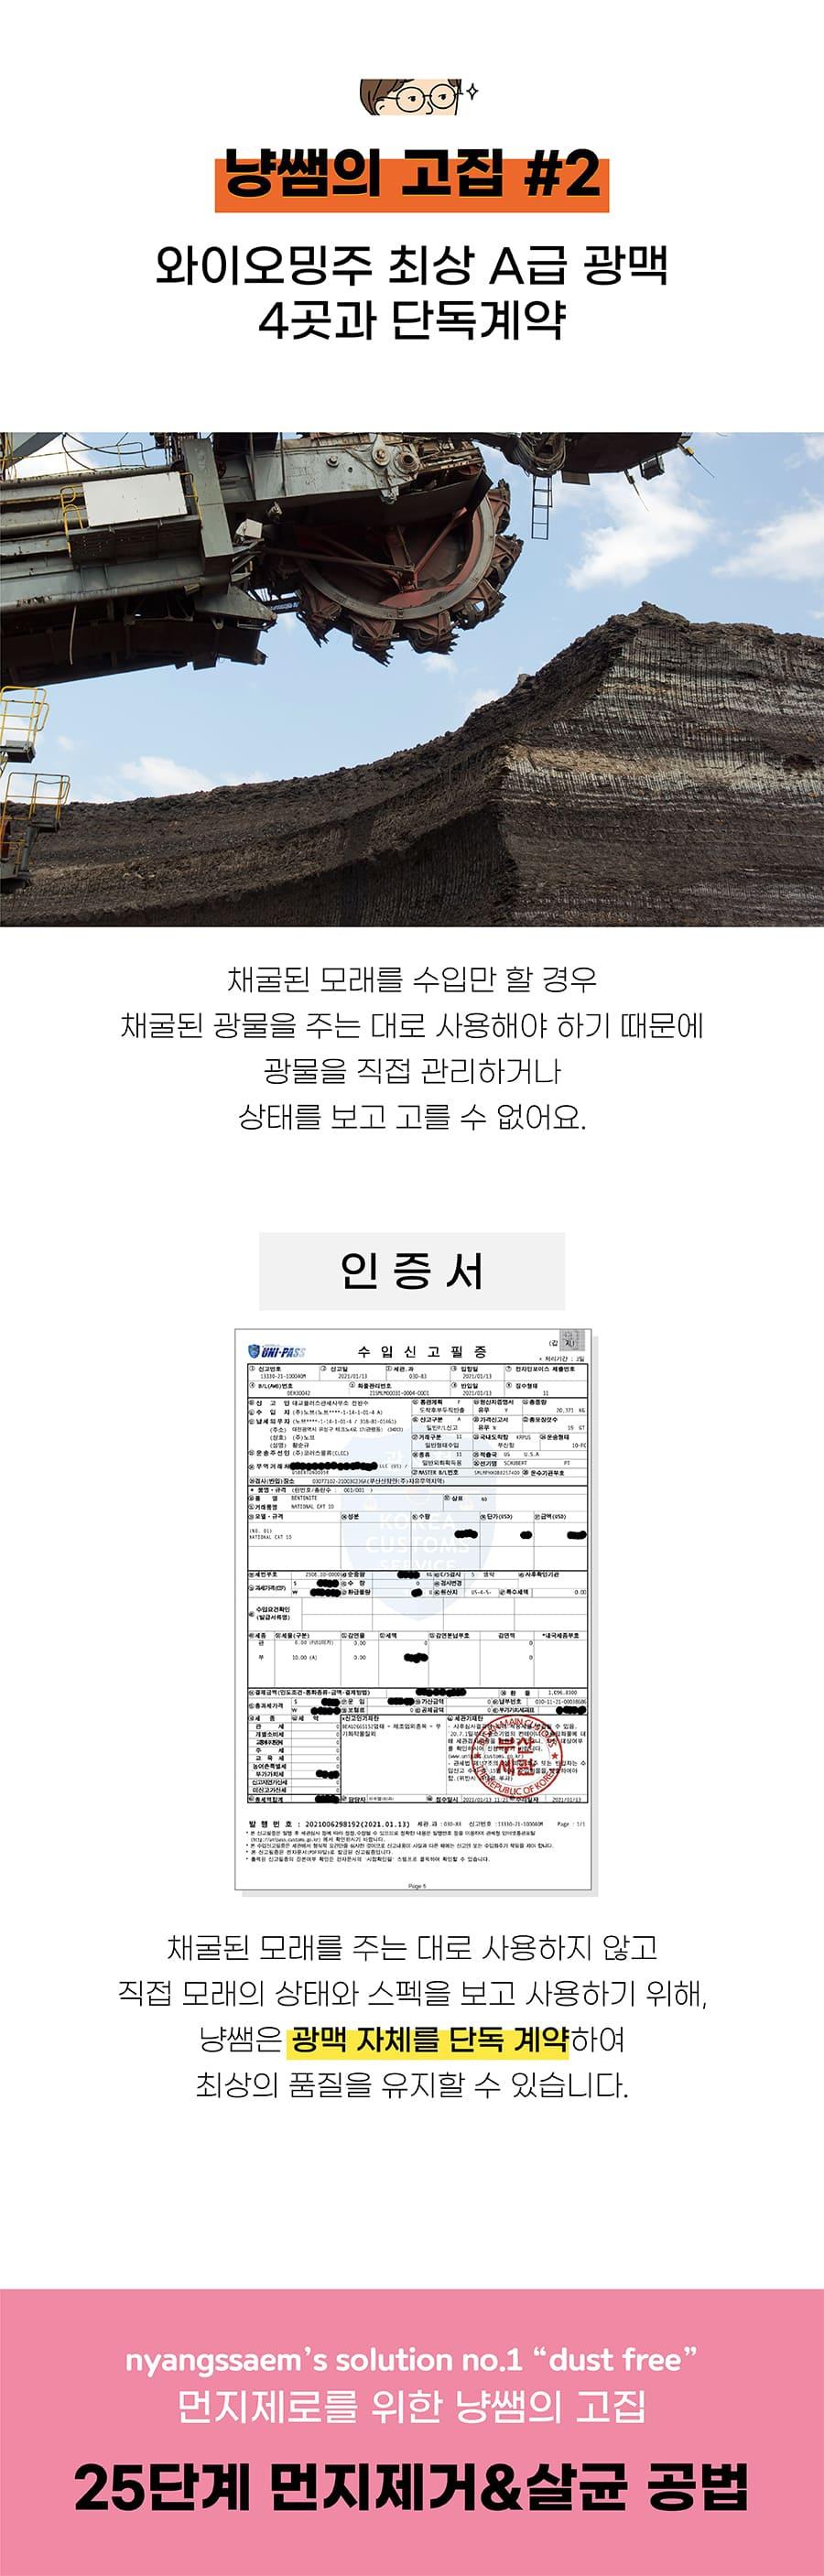 냥쌤 더스트제로 벤토나이트 모래 6kg (무향/피톤치드향)-상품이미지-11